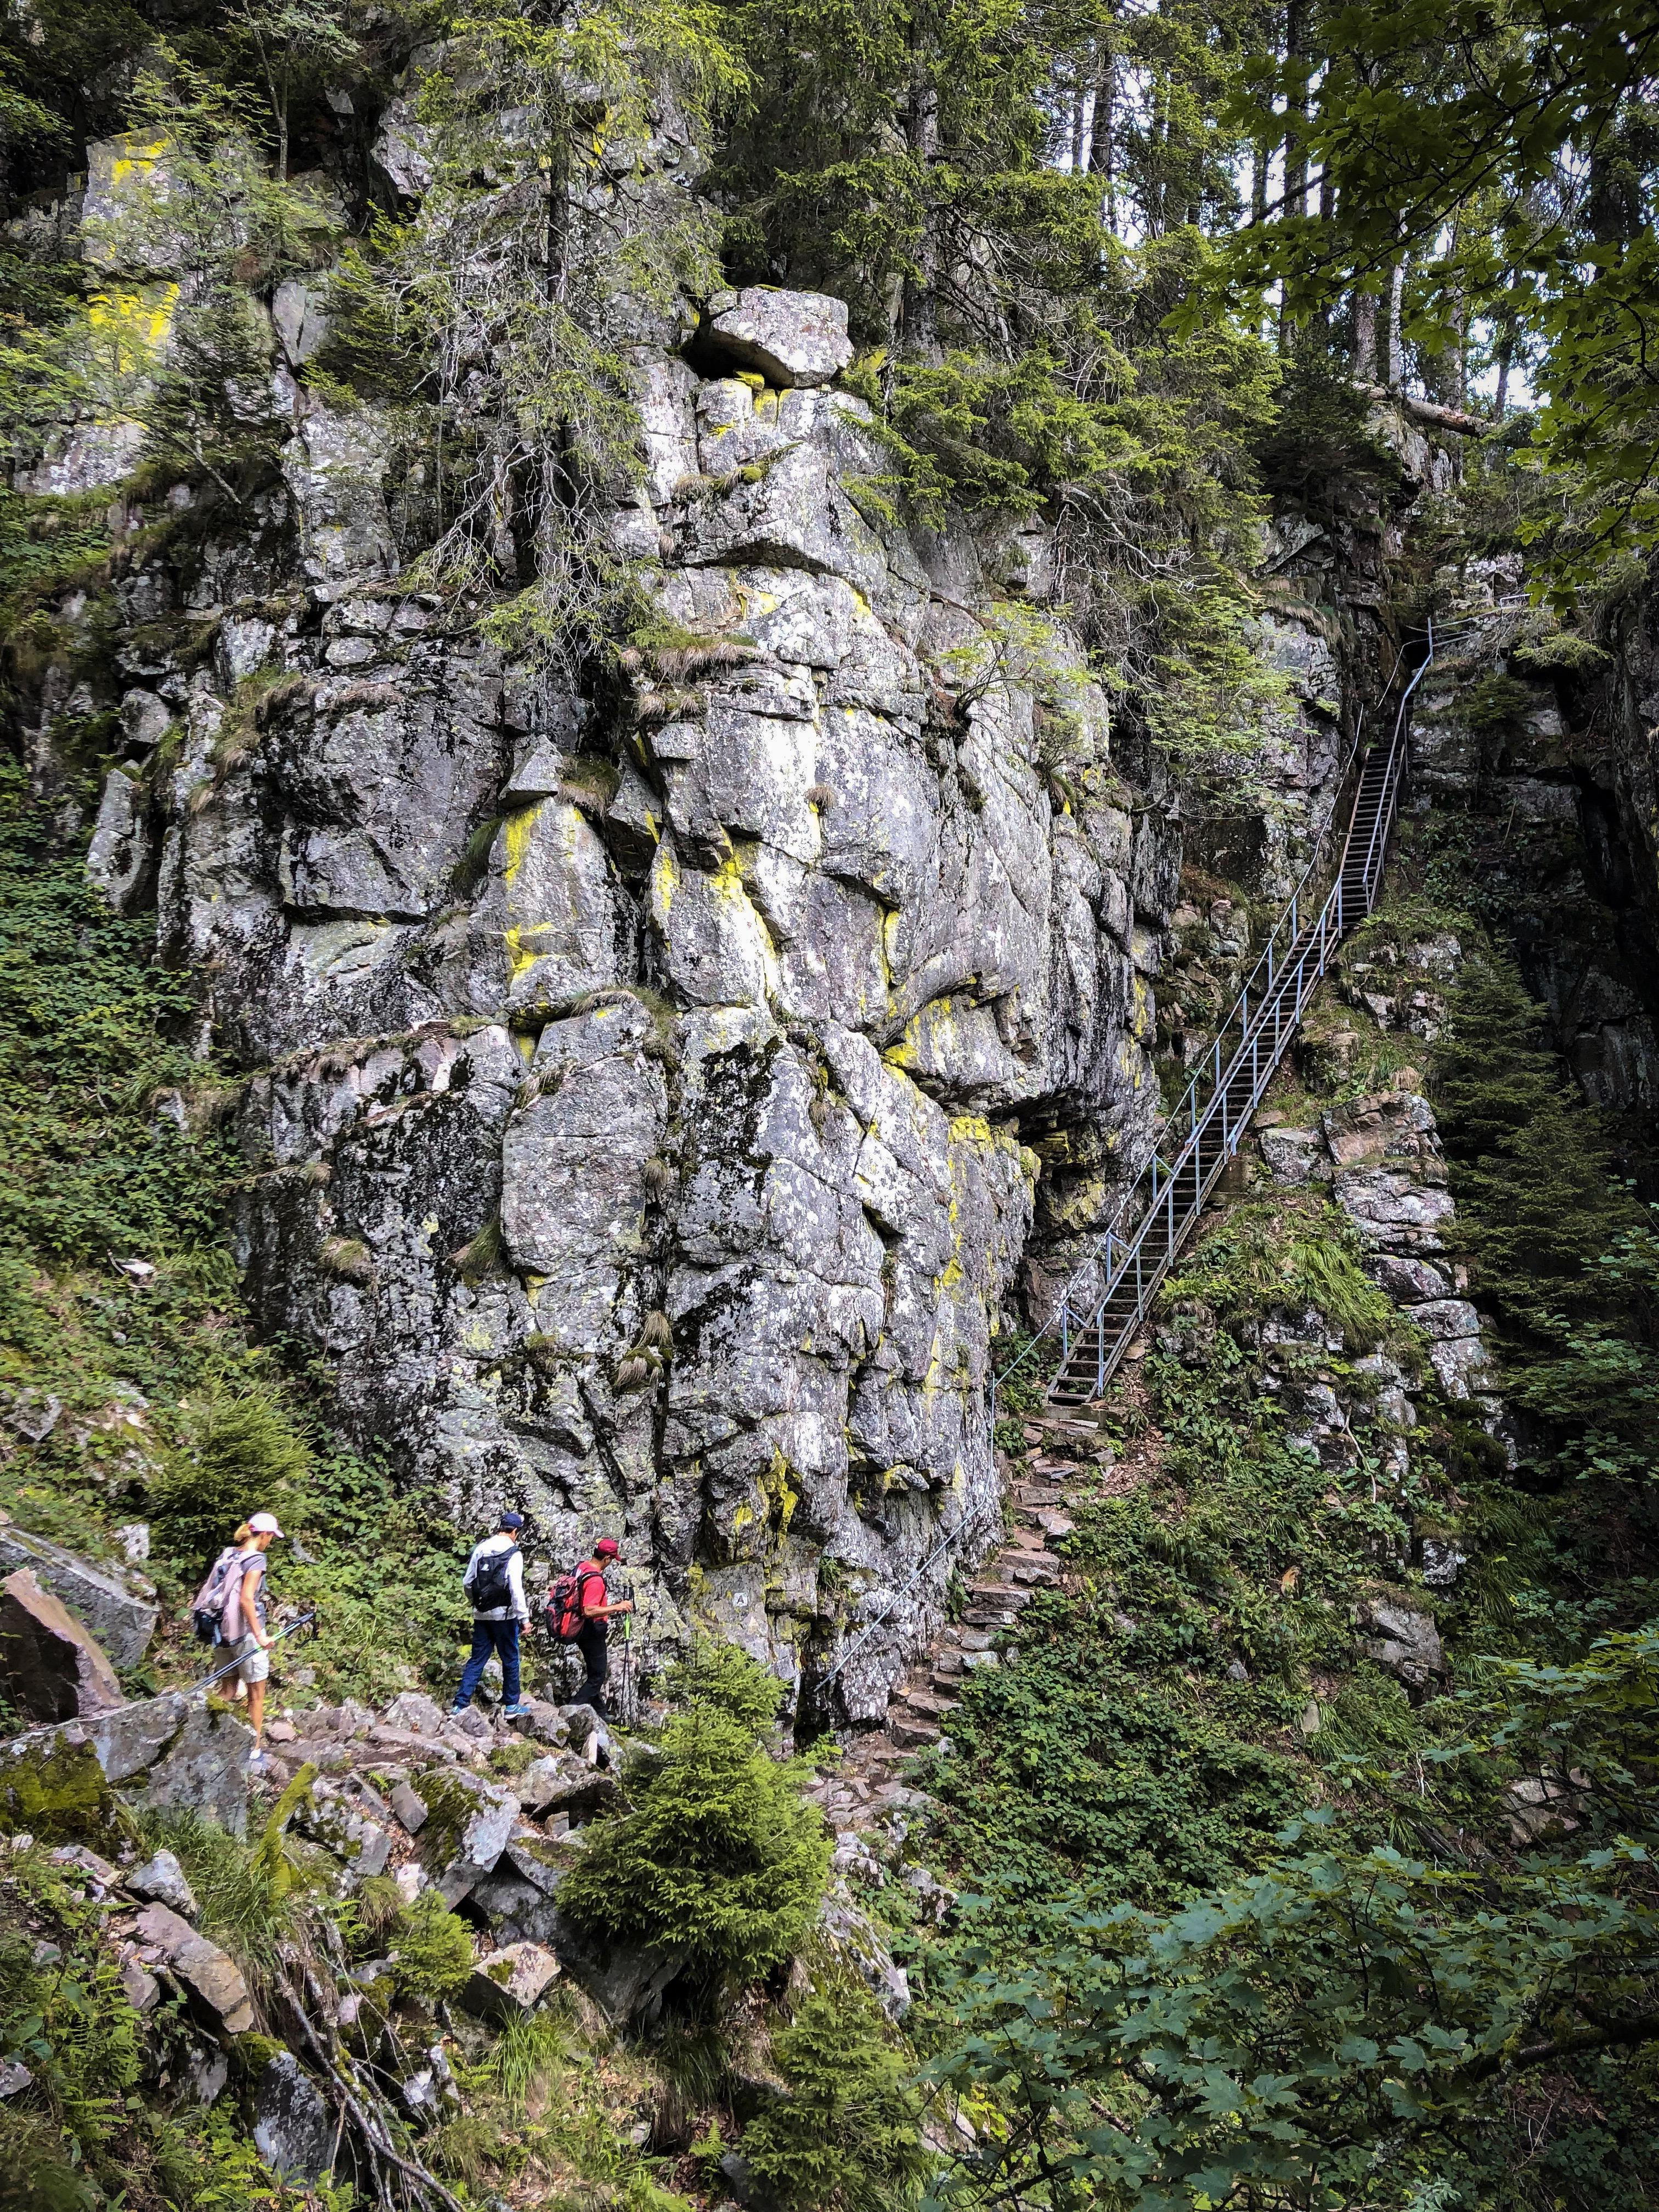 Deux randonneurs s'apprêtent à emprunter les escaliers du Hirschteine dans les Vosges